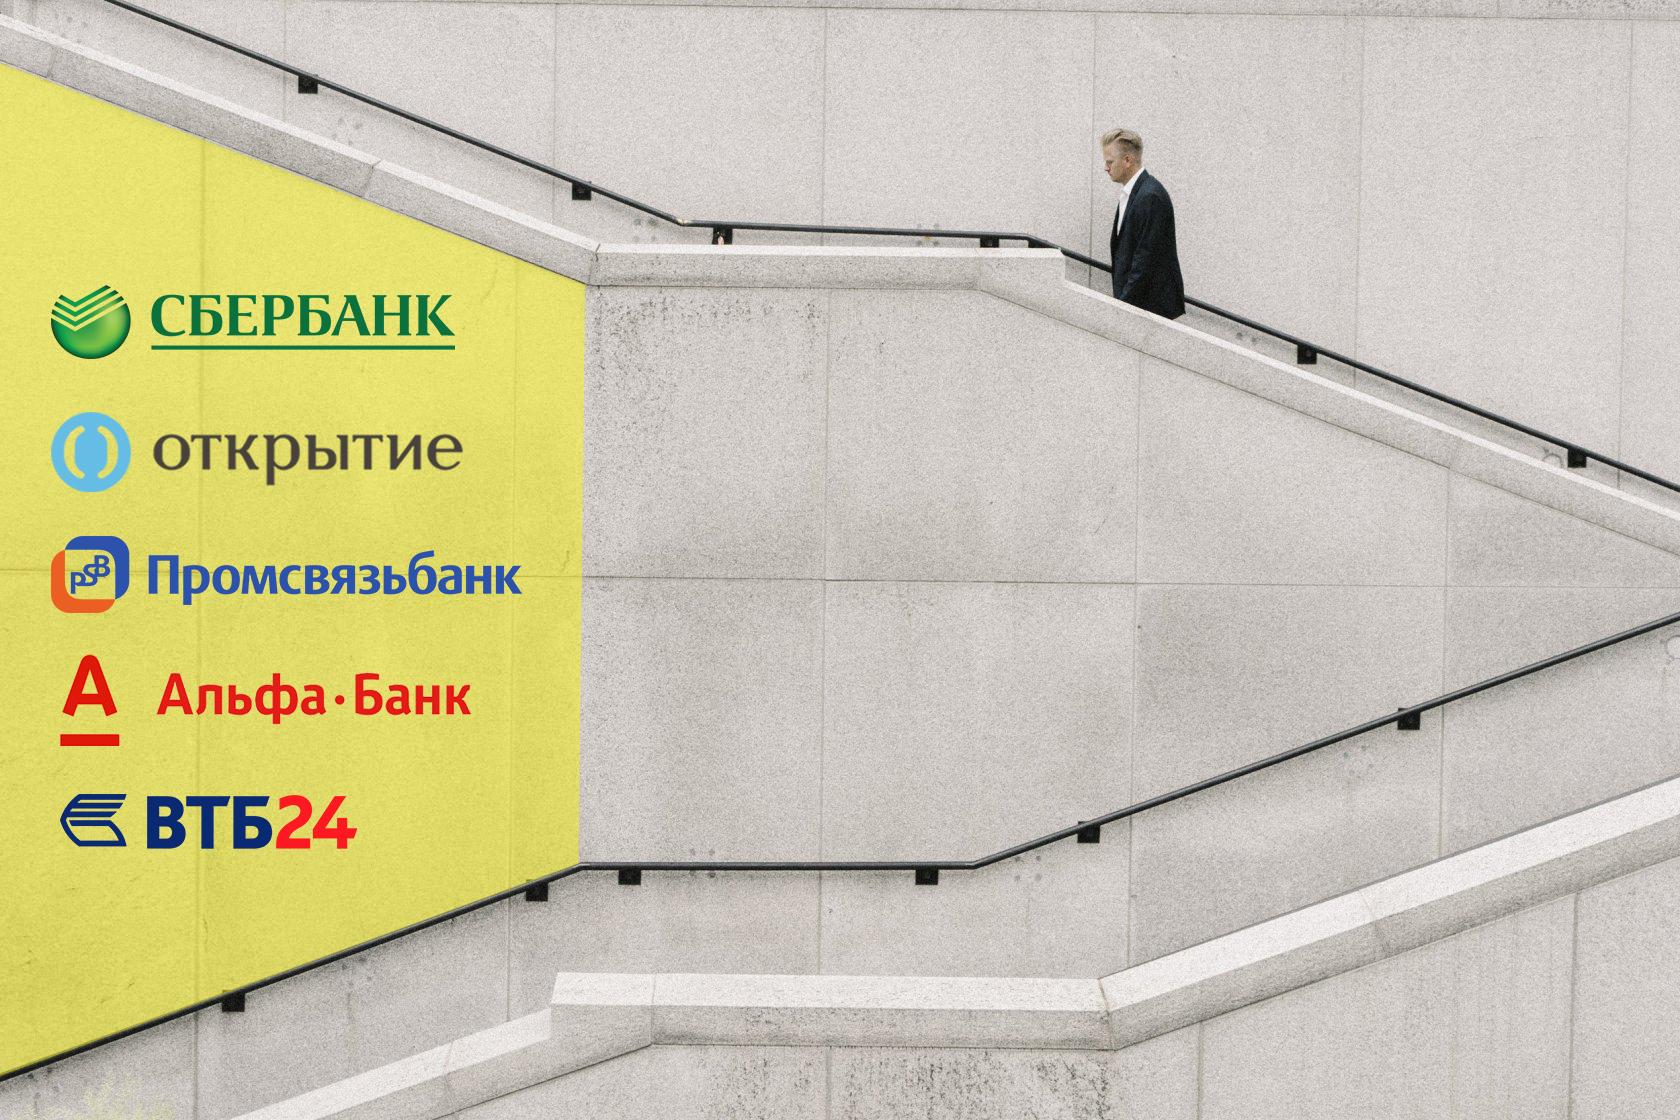 пополнить баланс мтс с банковской карты без комиссии через интернет втб 24